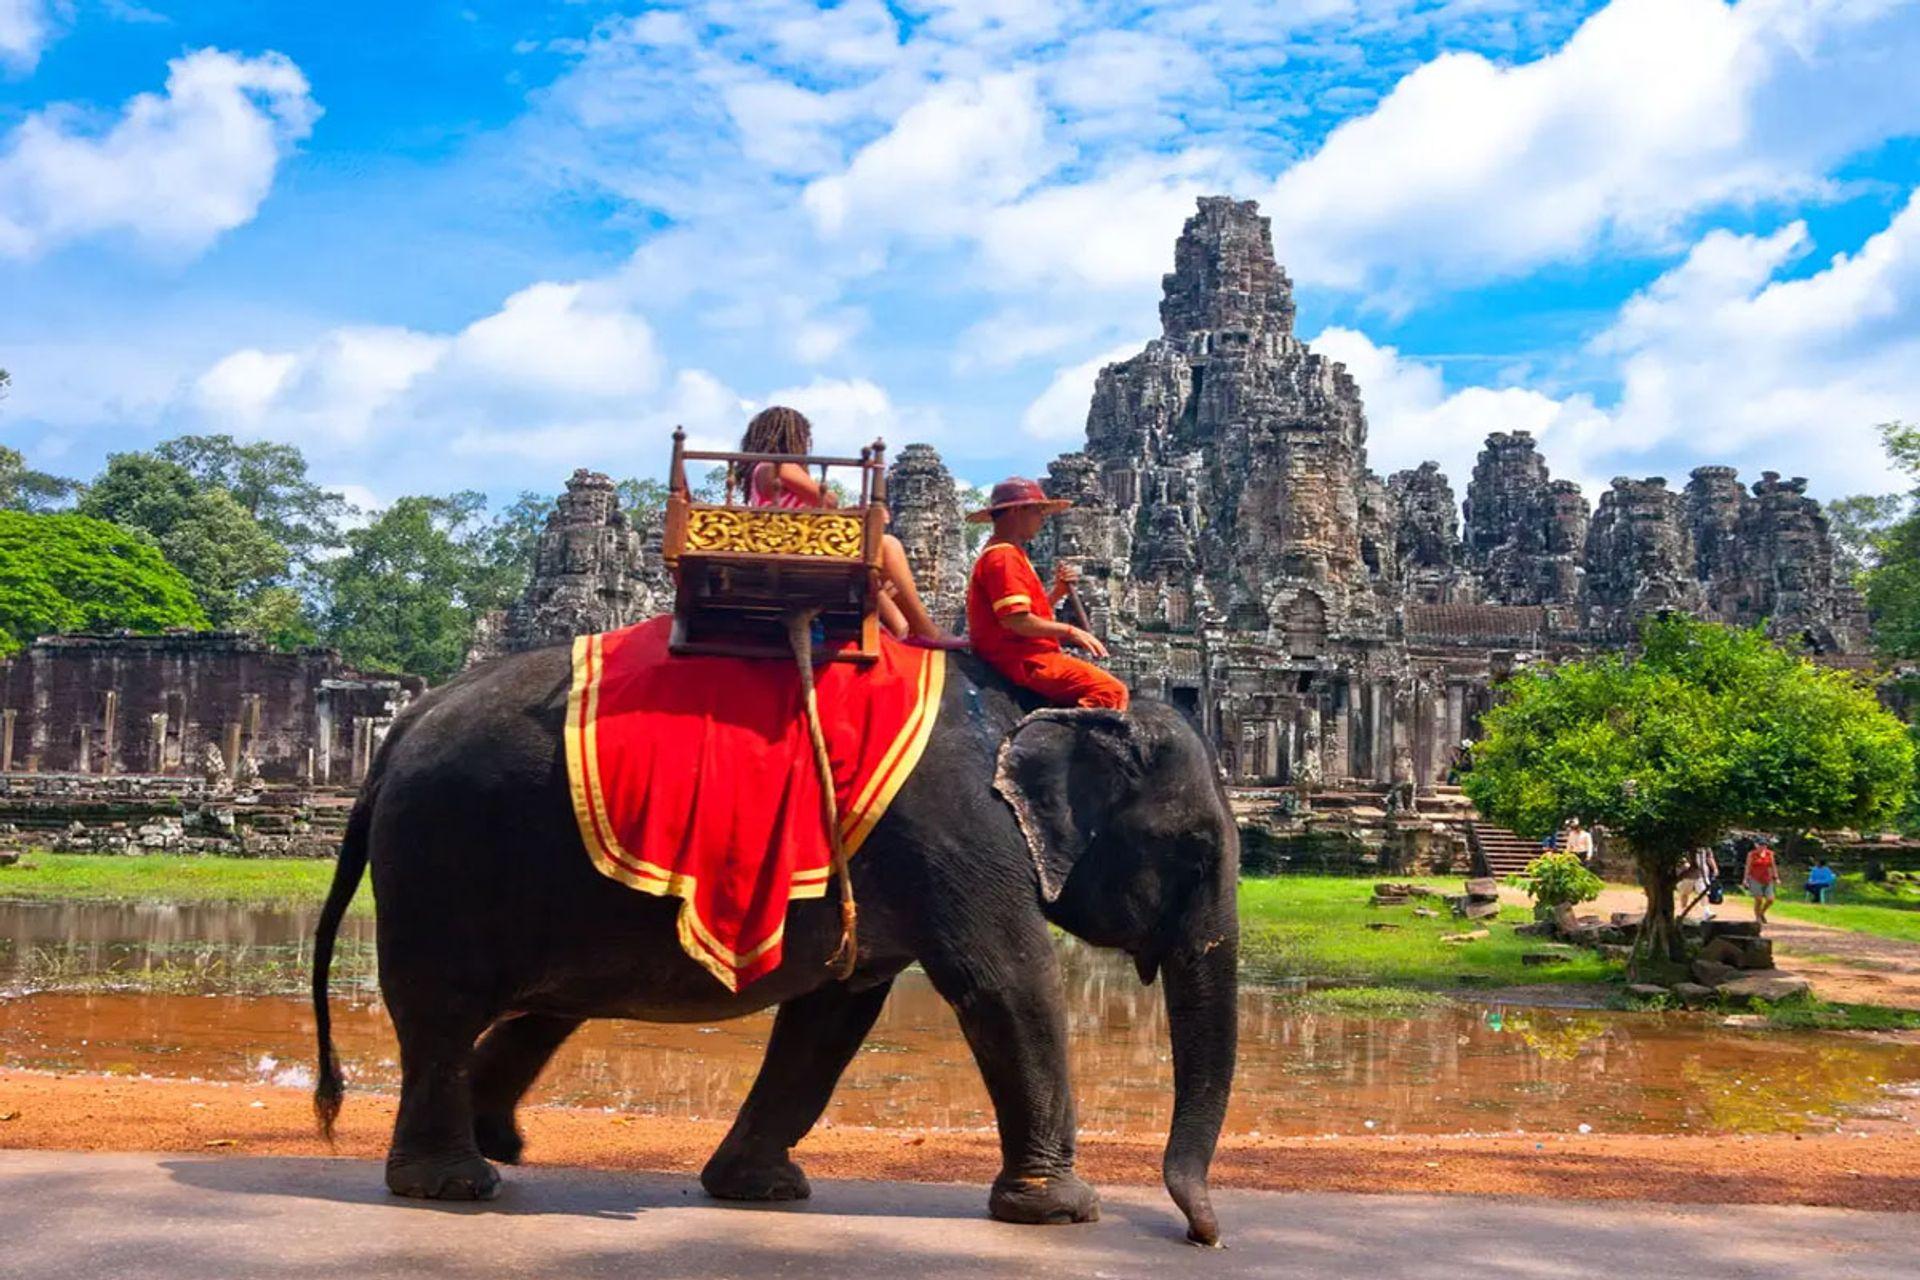 Không nên sử dụng dịch vụ cưỡi voi